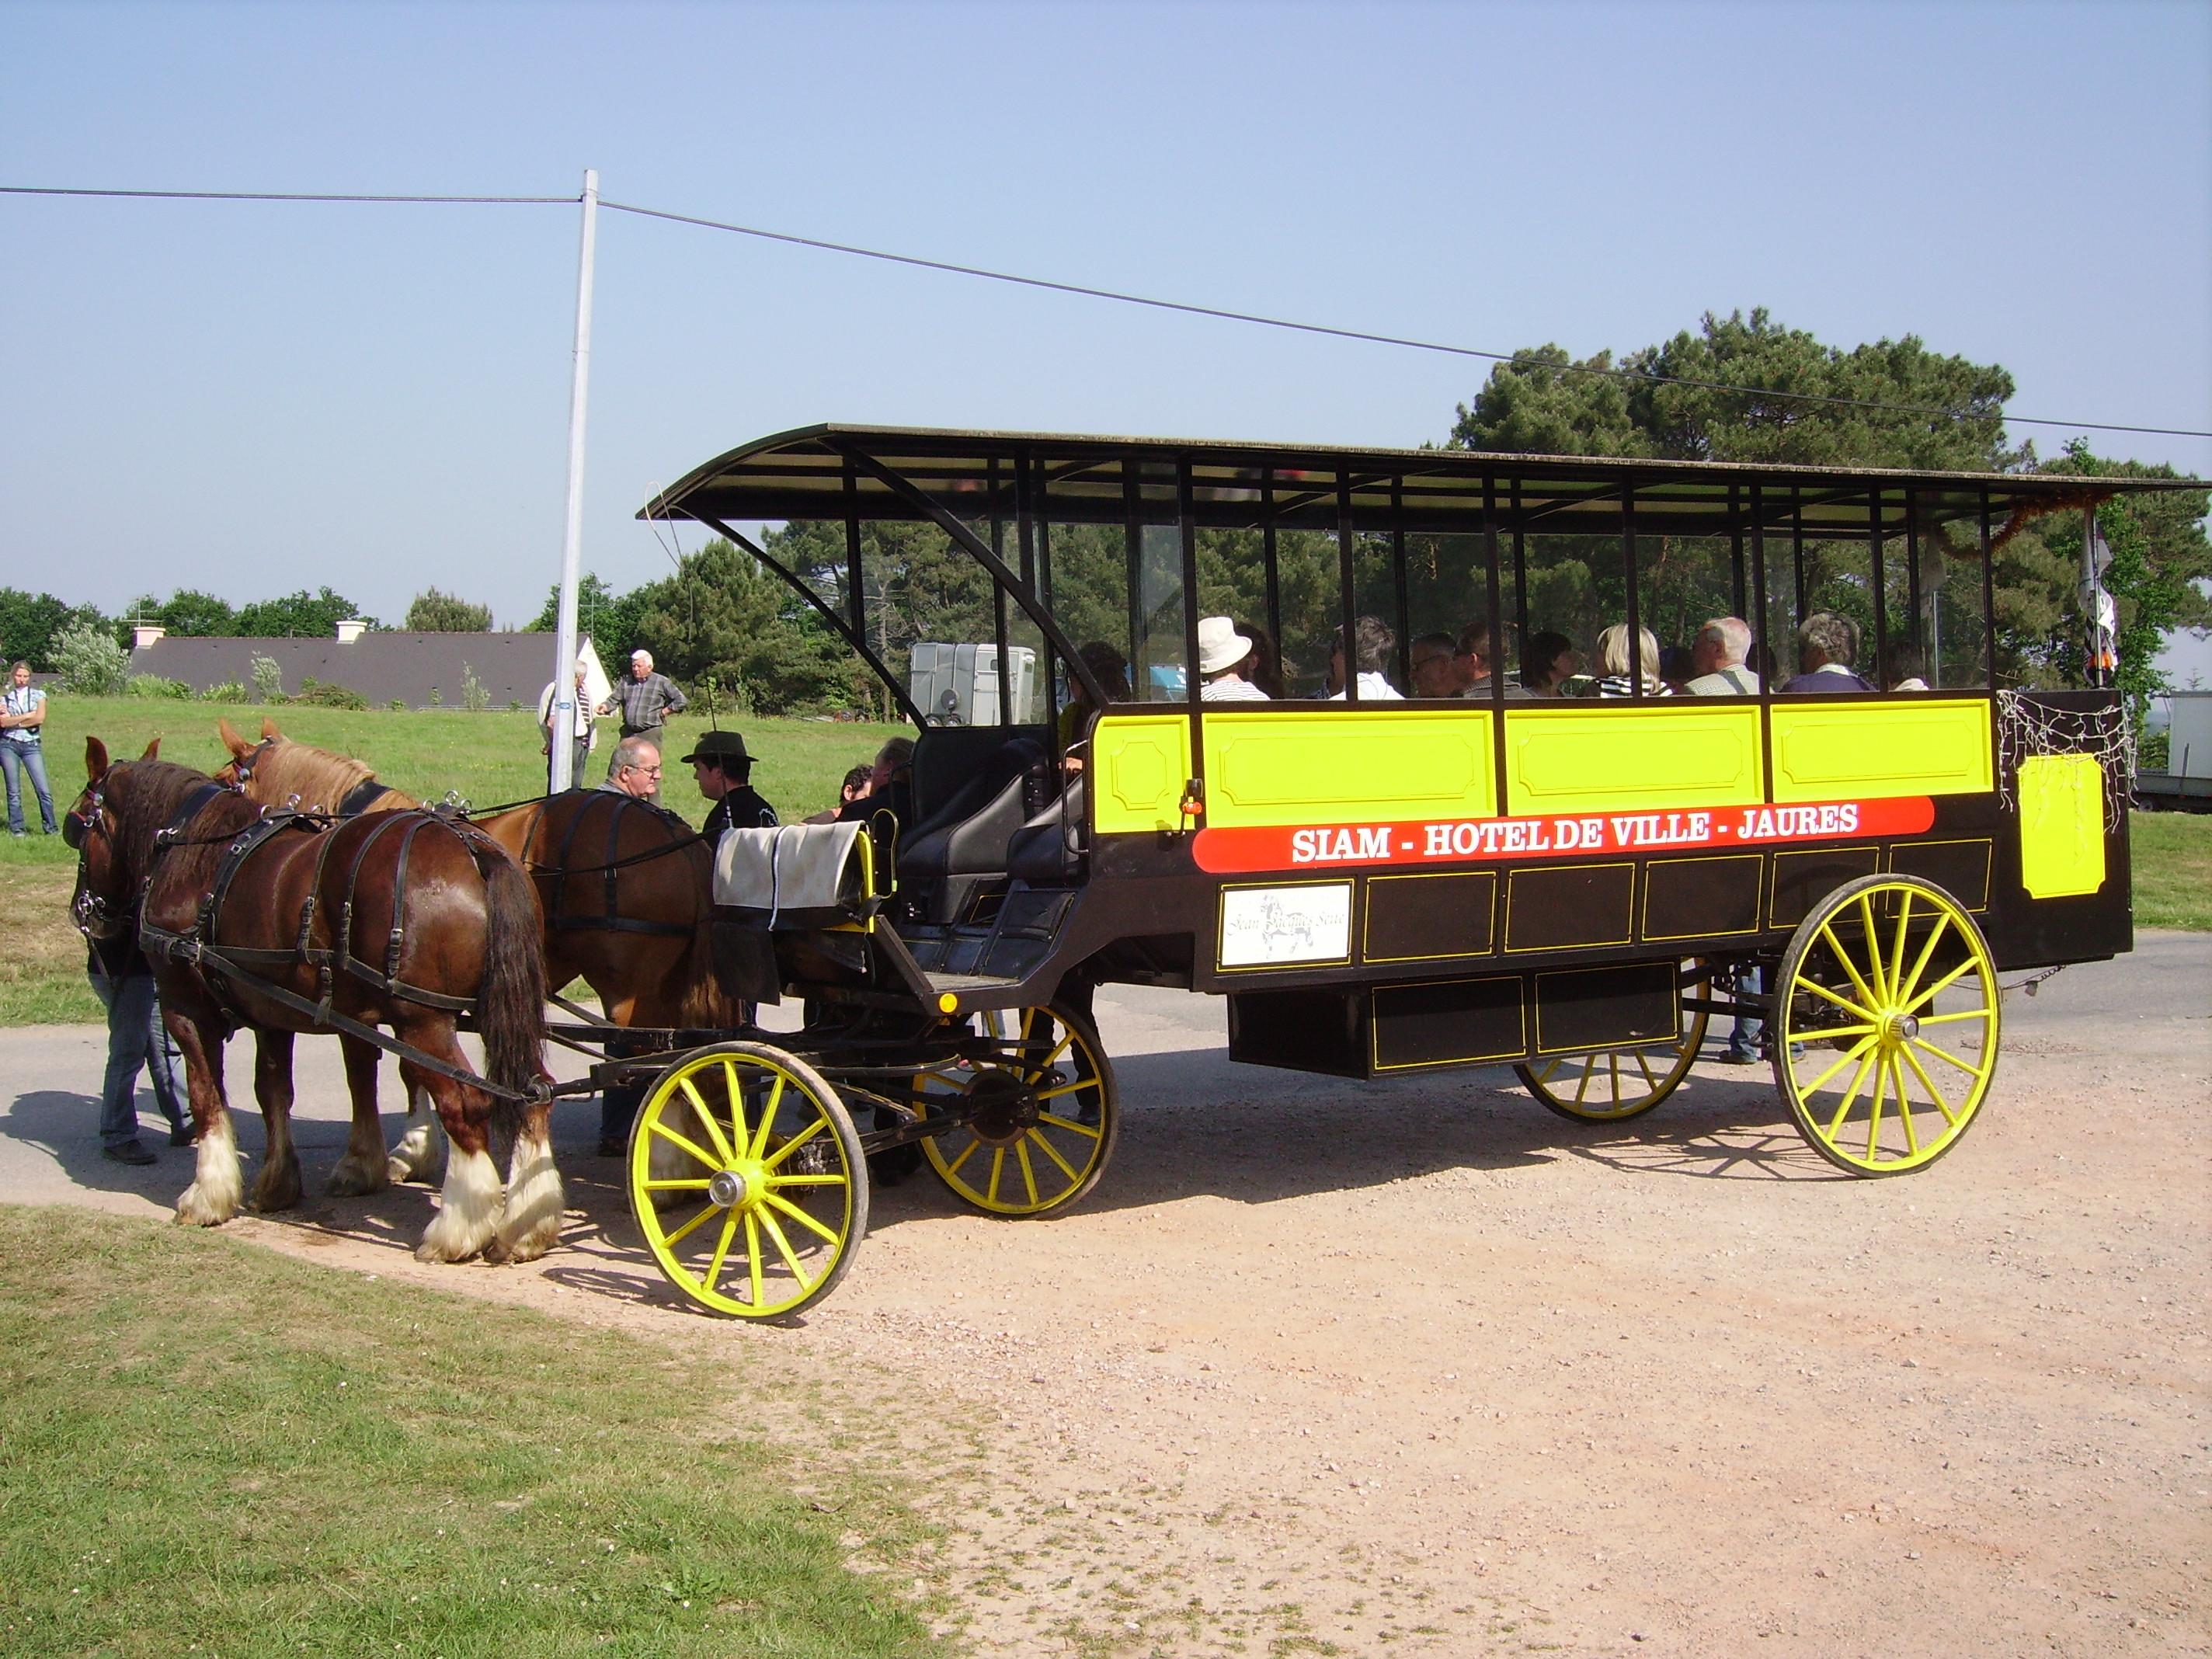 Omnibus utilisé à Brest - Équicité 2010, La Chapelle Gaceline